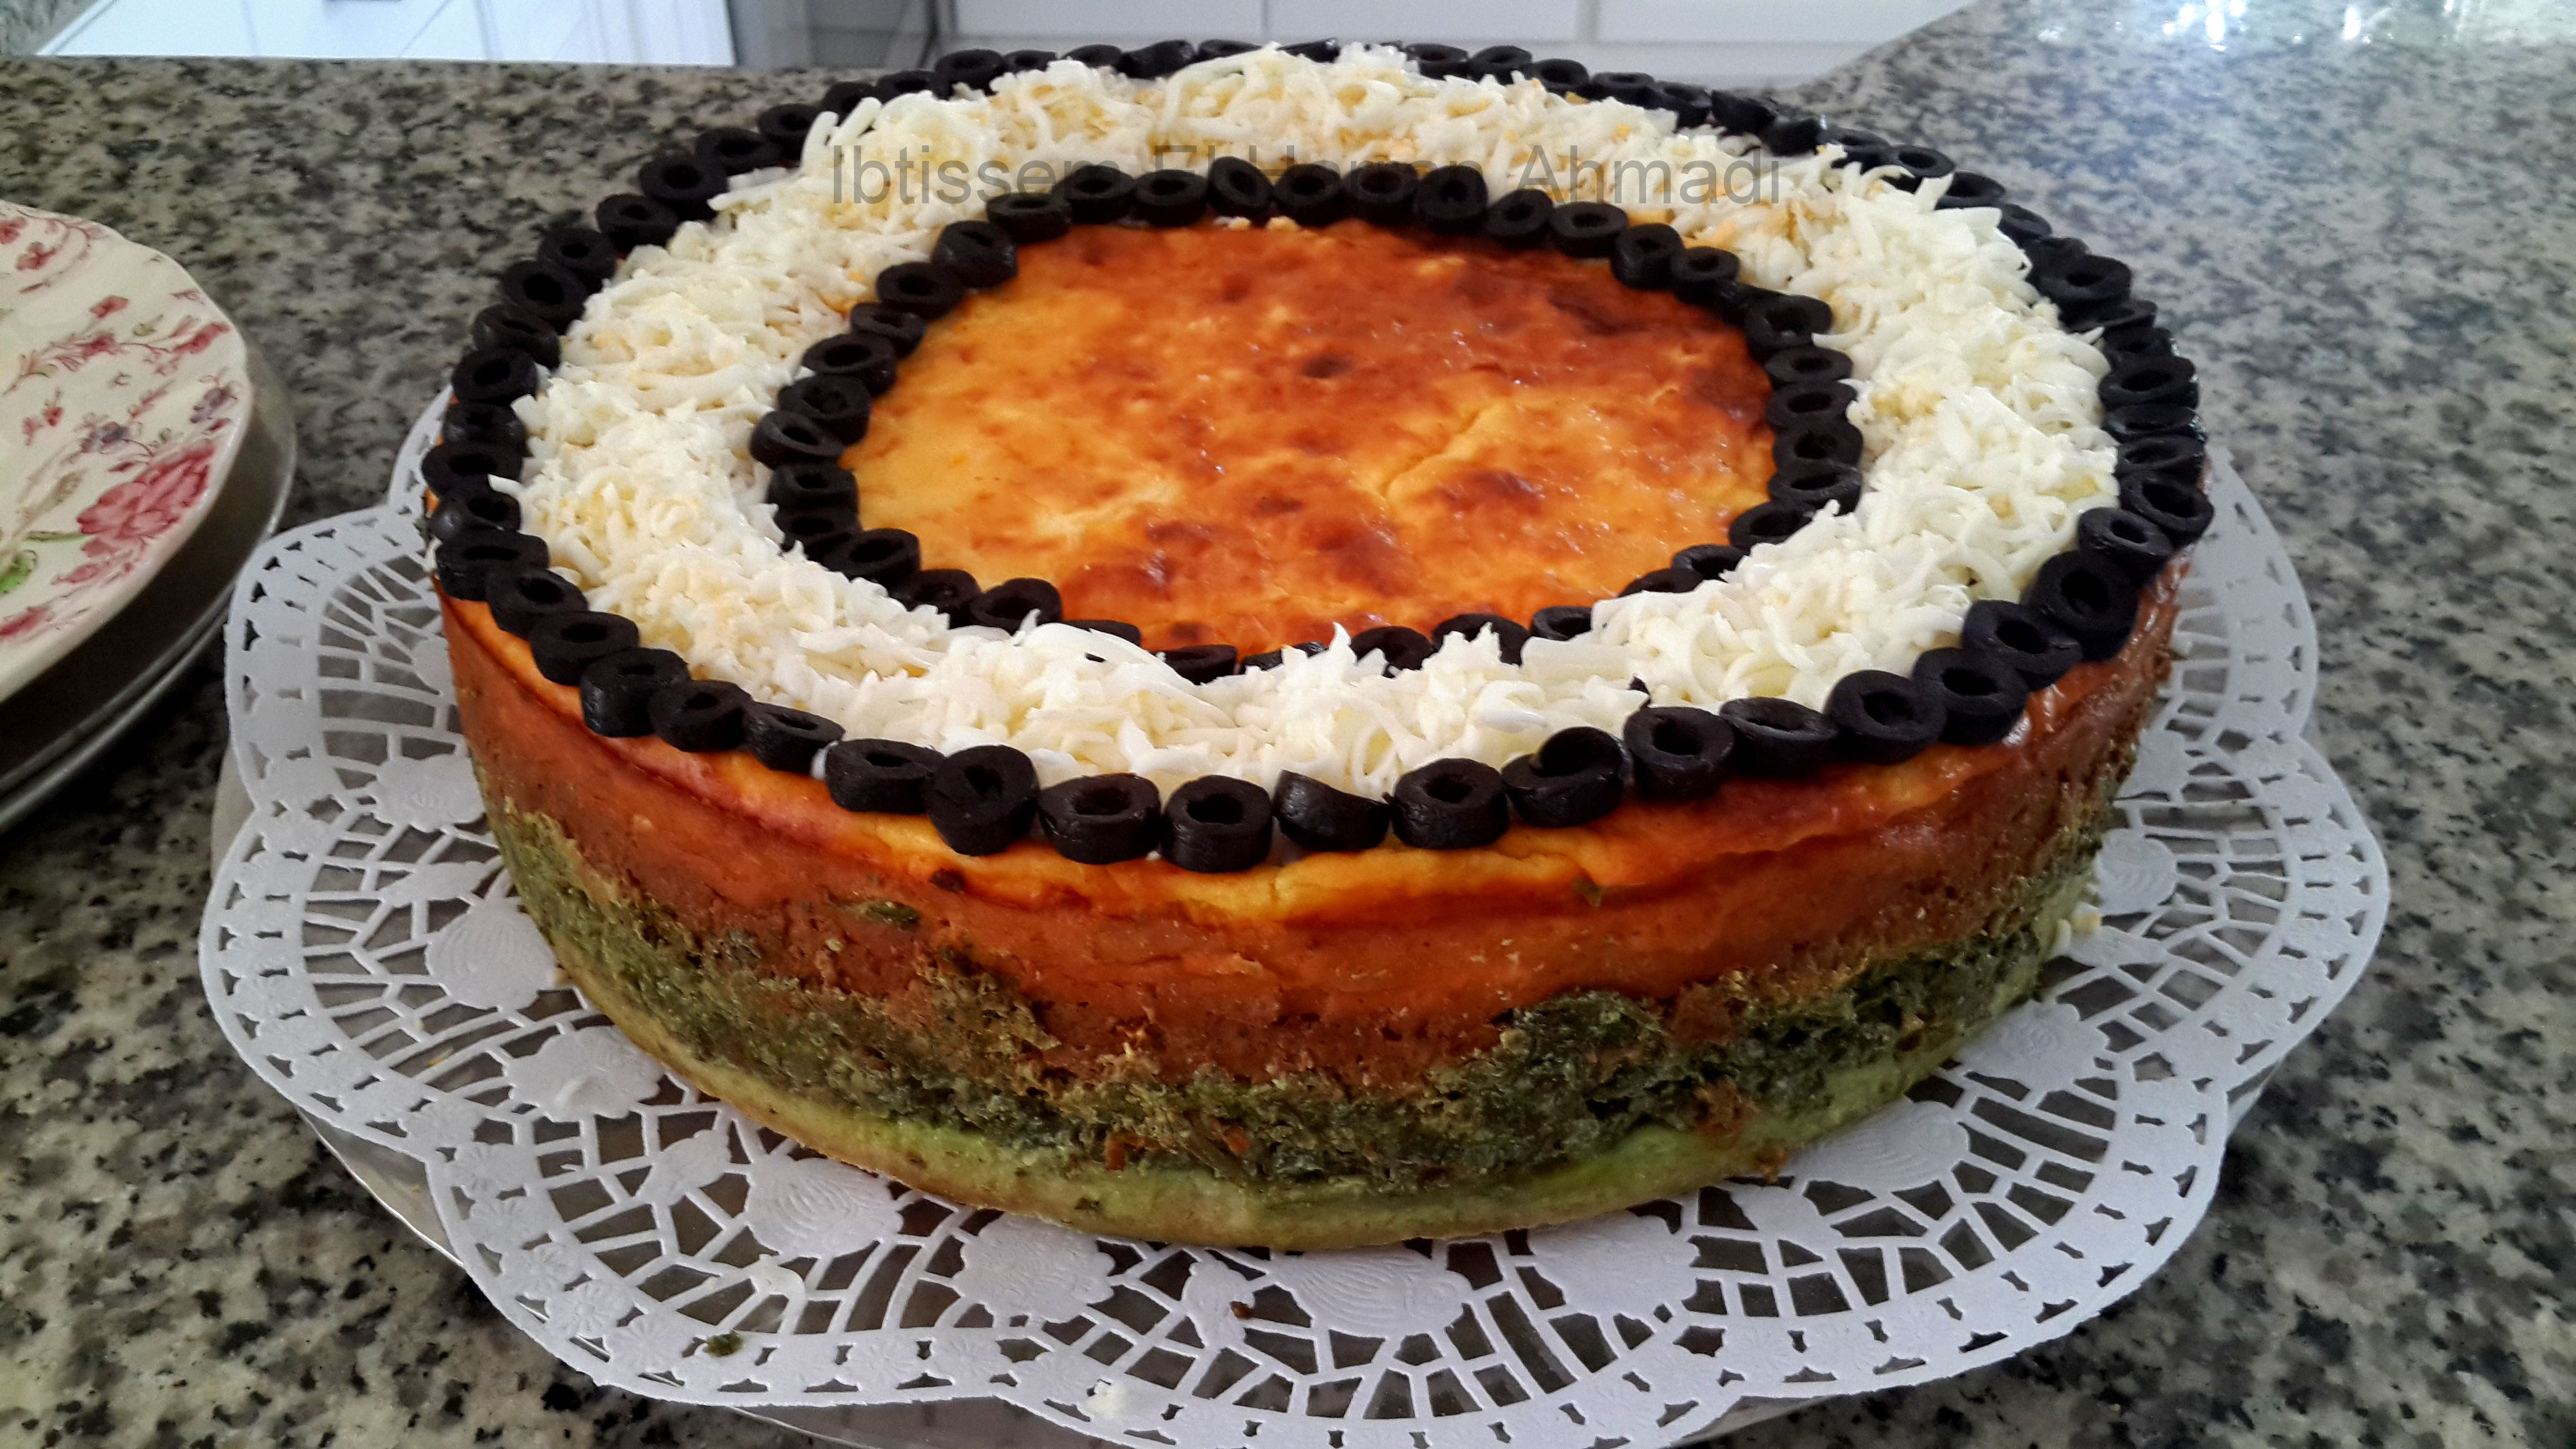 Tagine il bey sur son lit de pain recette tunisienne for Cuisine tunisienne